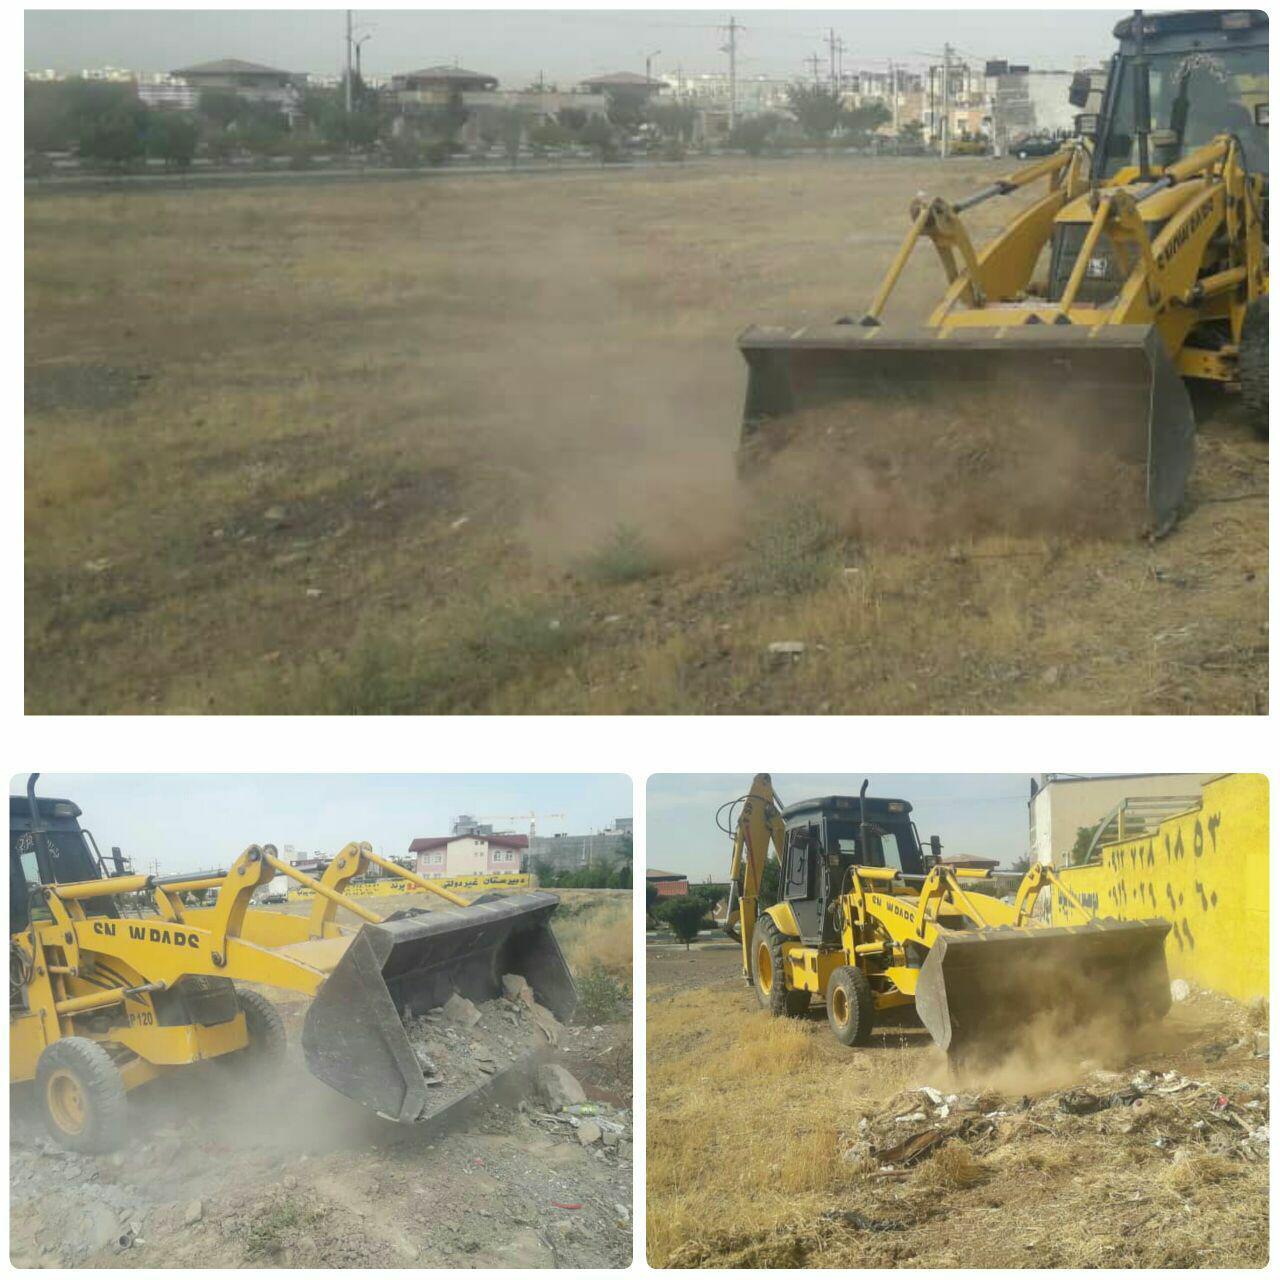 جمع آوری نخاله و پاکسازی محله ای در فاز دو شهر پرند